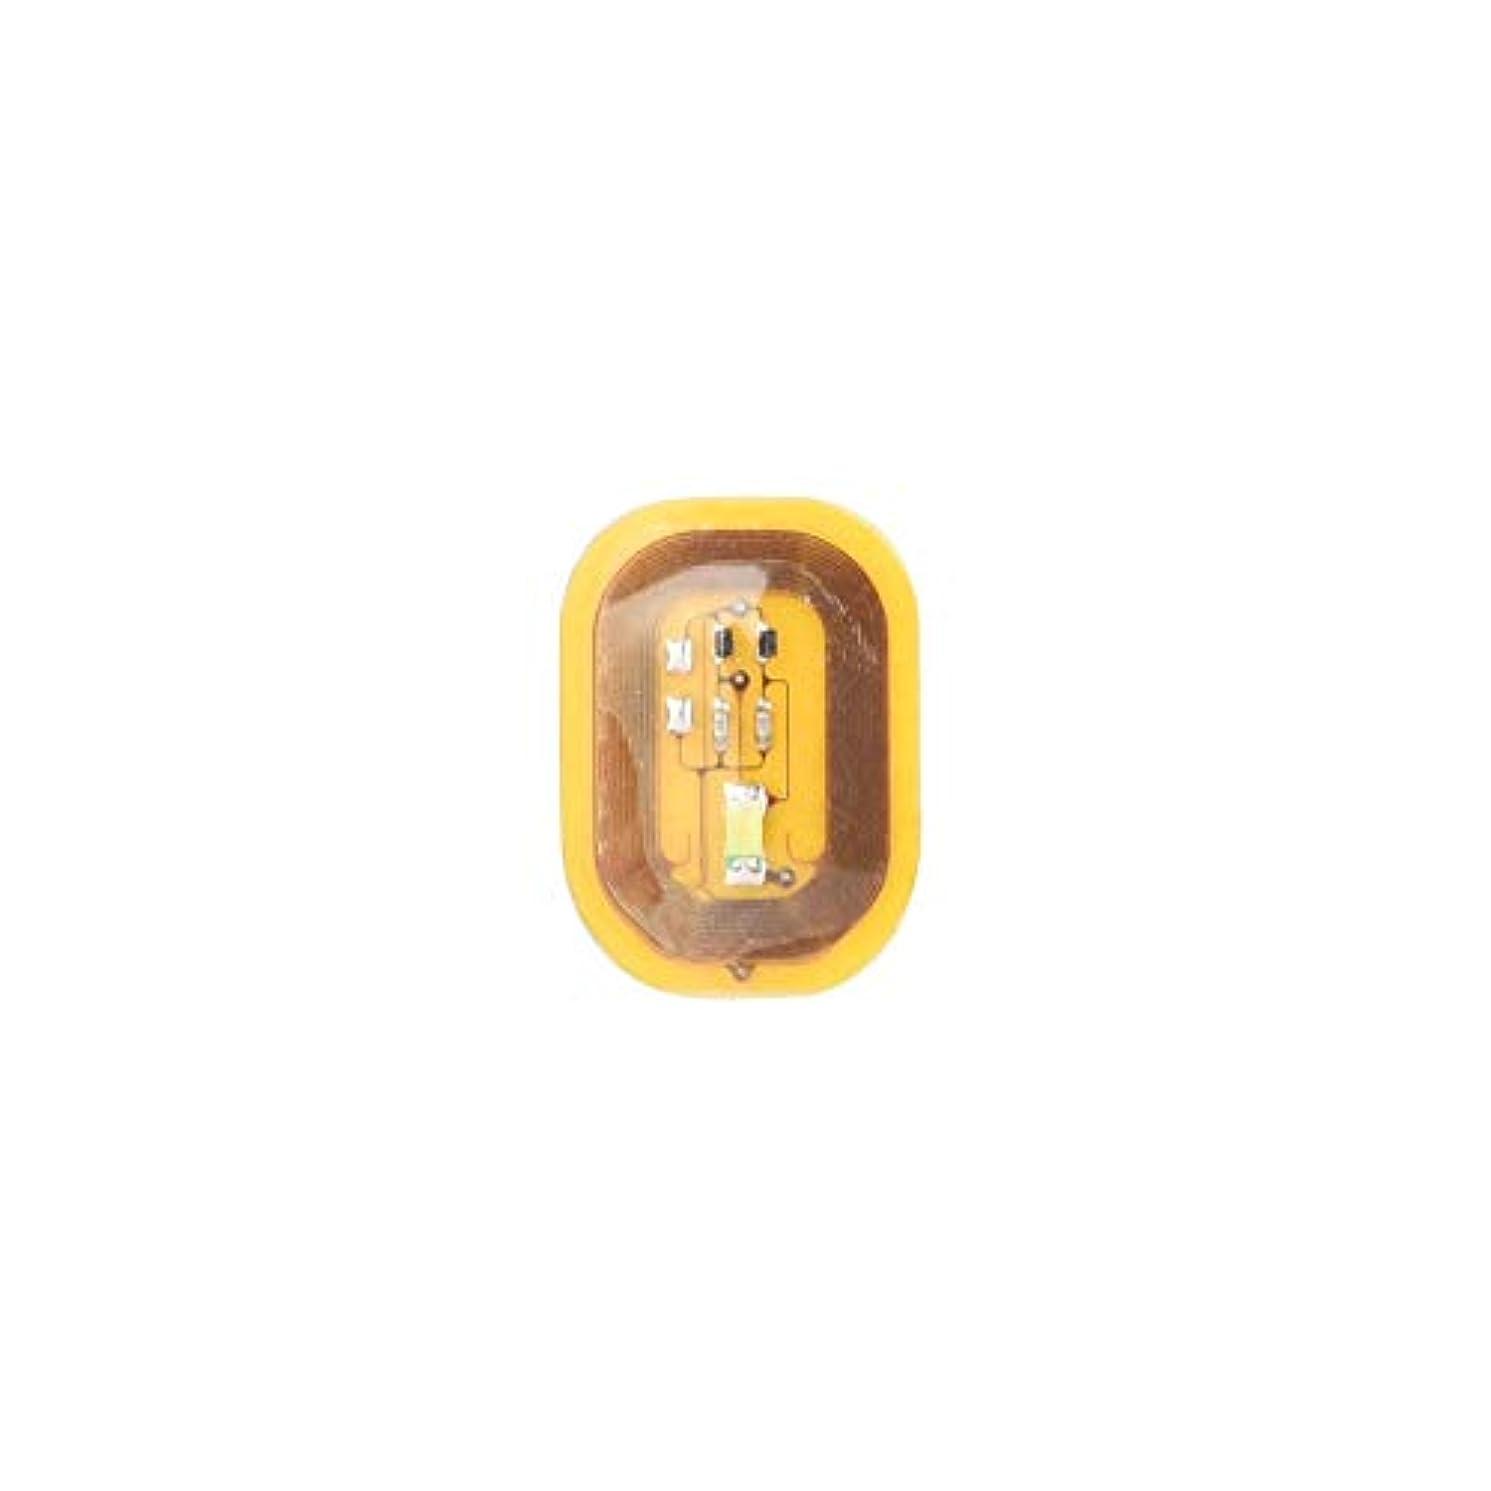 お父さん悲観主義者湿ったOD企画 ネイルアートステッカー ネイルチップ ネイルシール ネイル飾り 可愛い キラキラ デカールマニキュア フルチップ ネイルアート ネイル用装飾 ネイル飾り マニキュア グリーン 3D コスプレ ロマンチックな DIY...